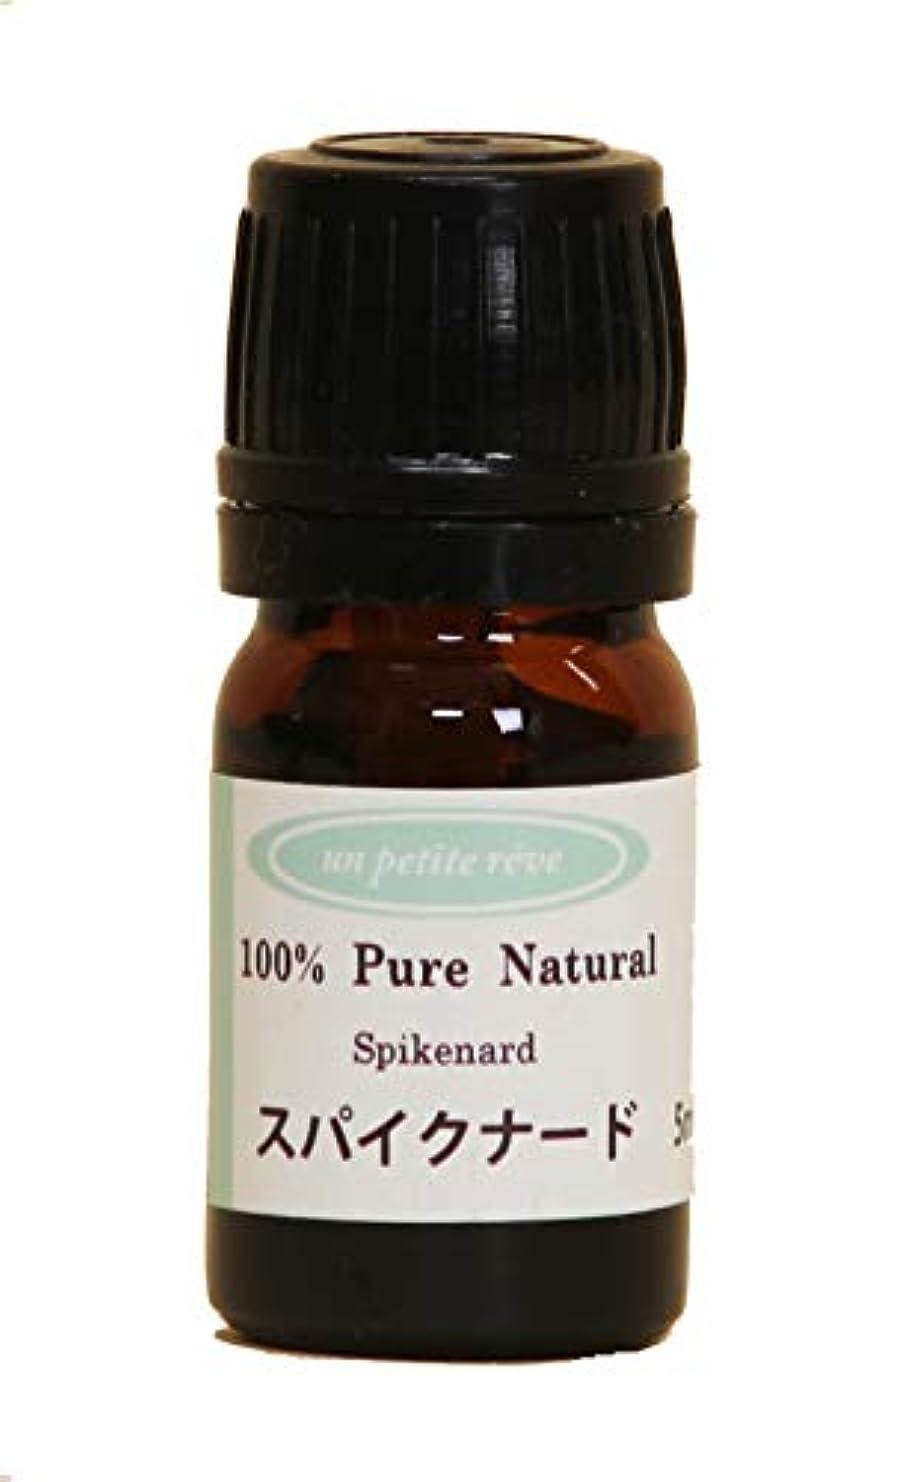 凝視カカドゥ困惑するスパイクナード 5ml 100%天然アロマエッセンシャルオイル(精油)